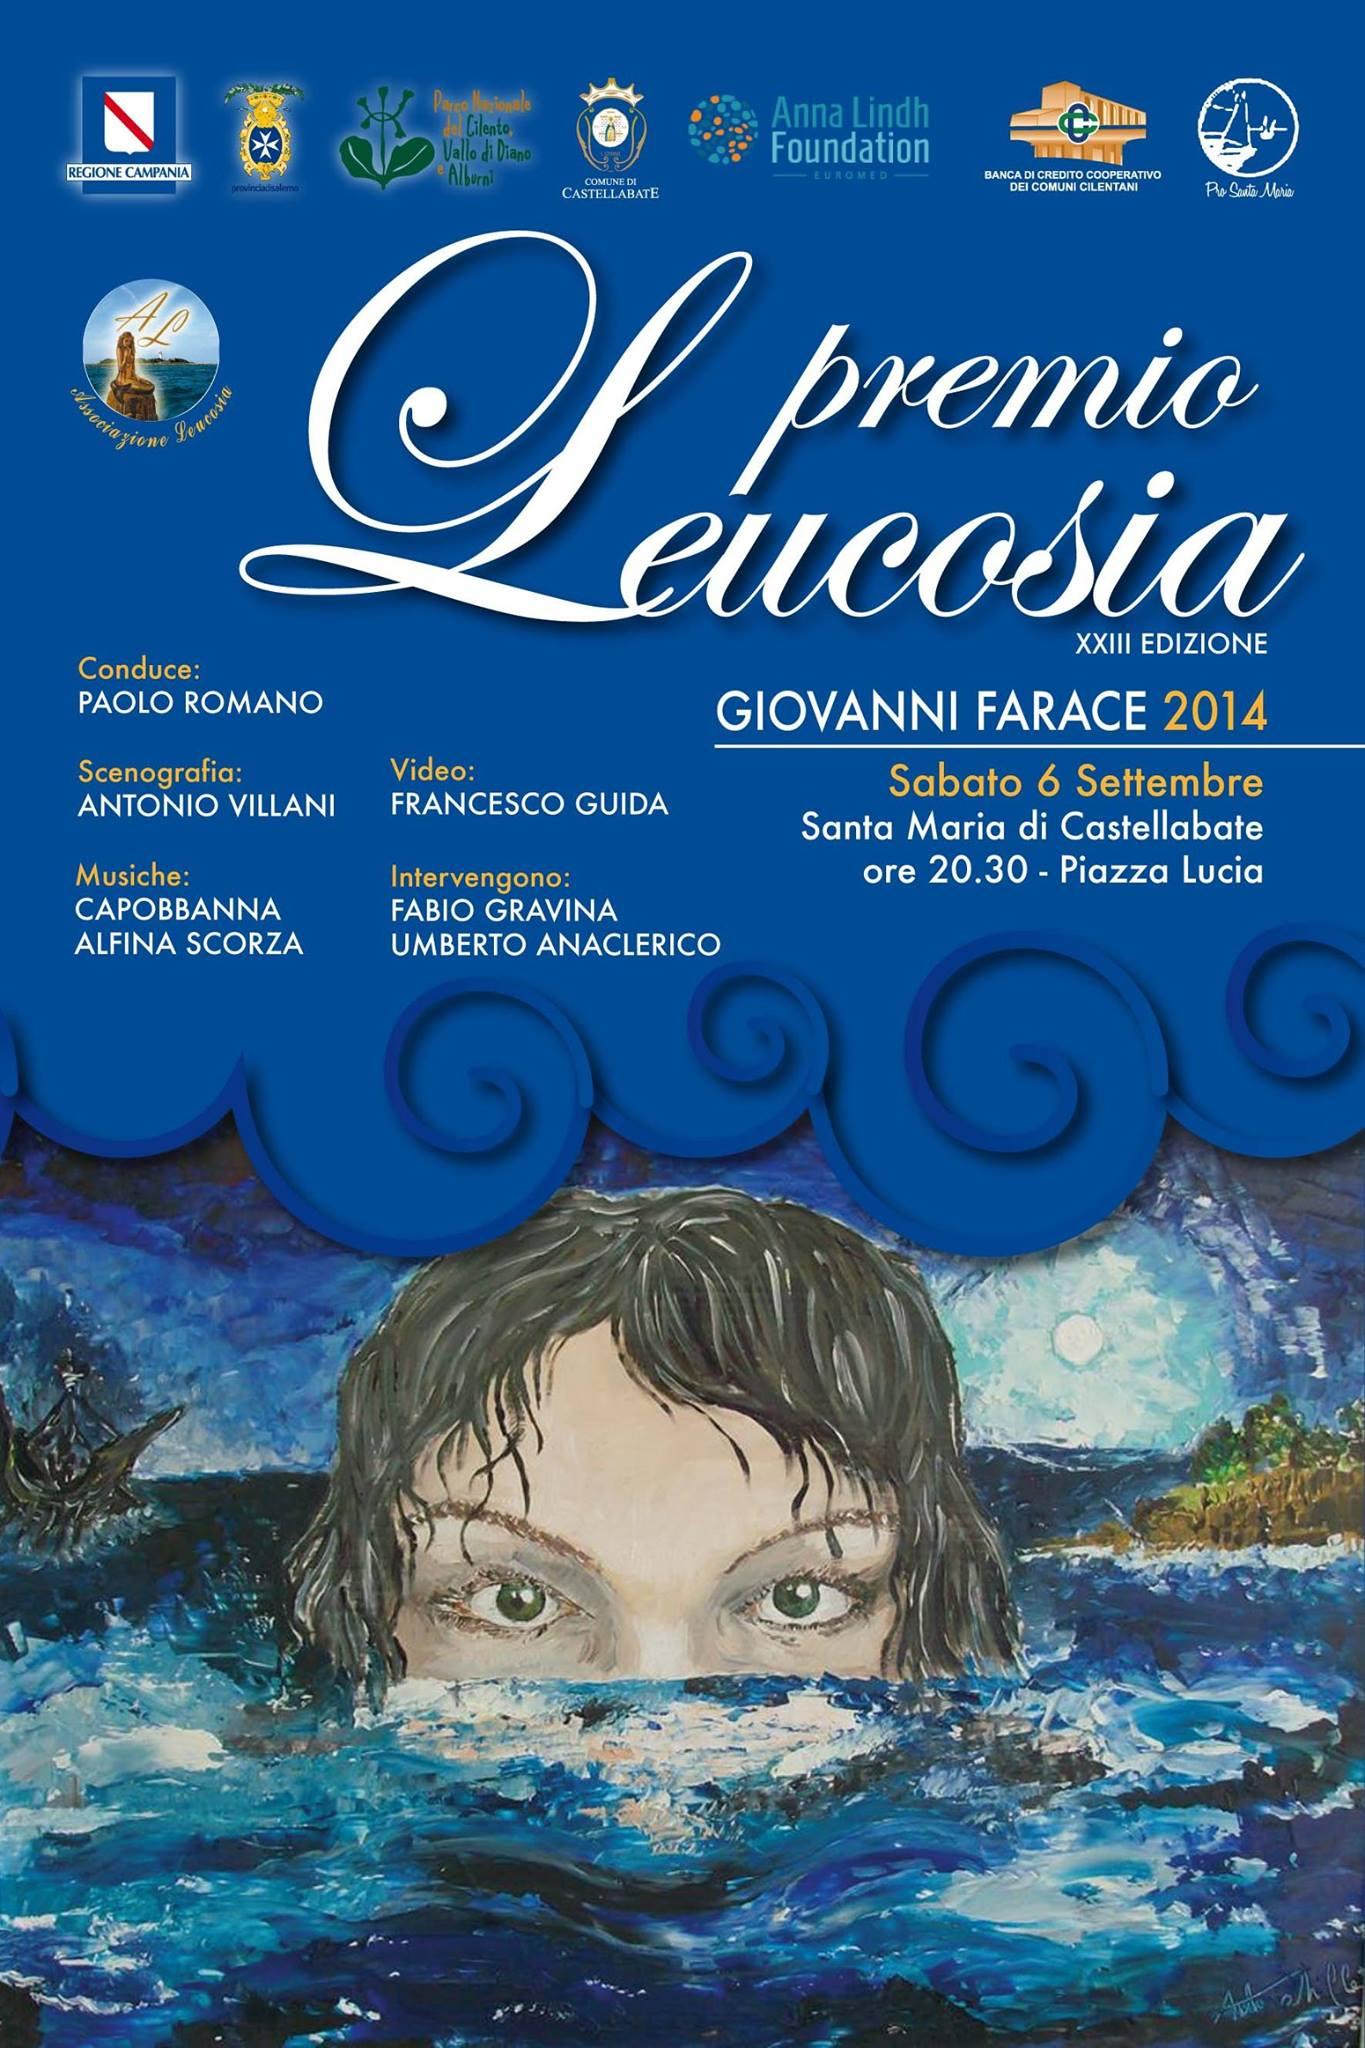 premioleucosia2014